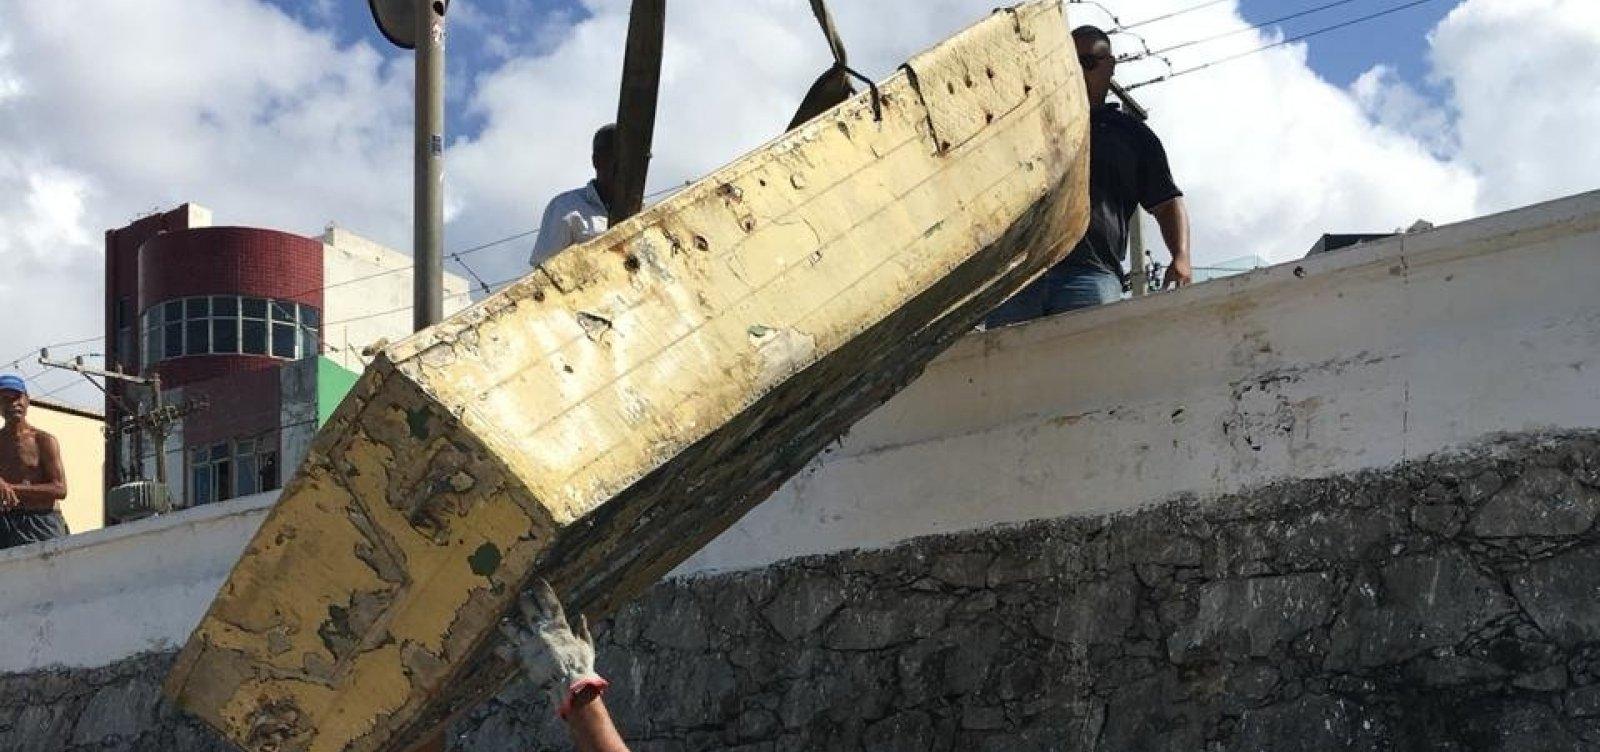 Prefeitura remove quatro carcaças de barcos e dezenas de objetos na praia do Rio Vermelho